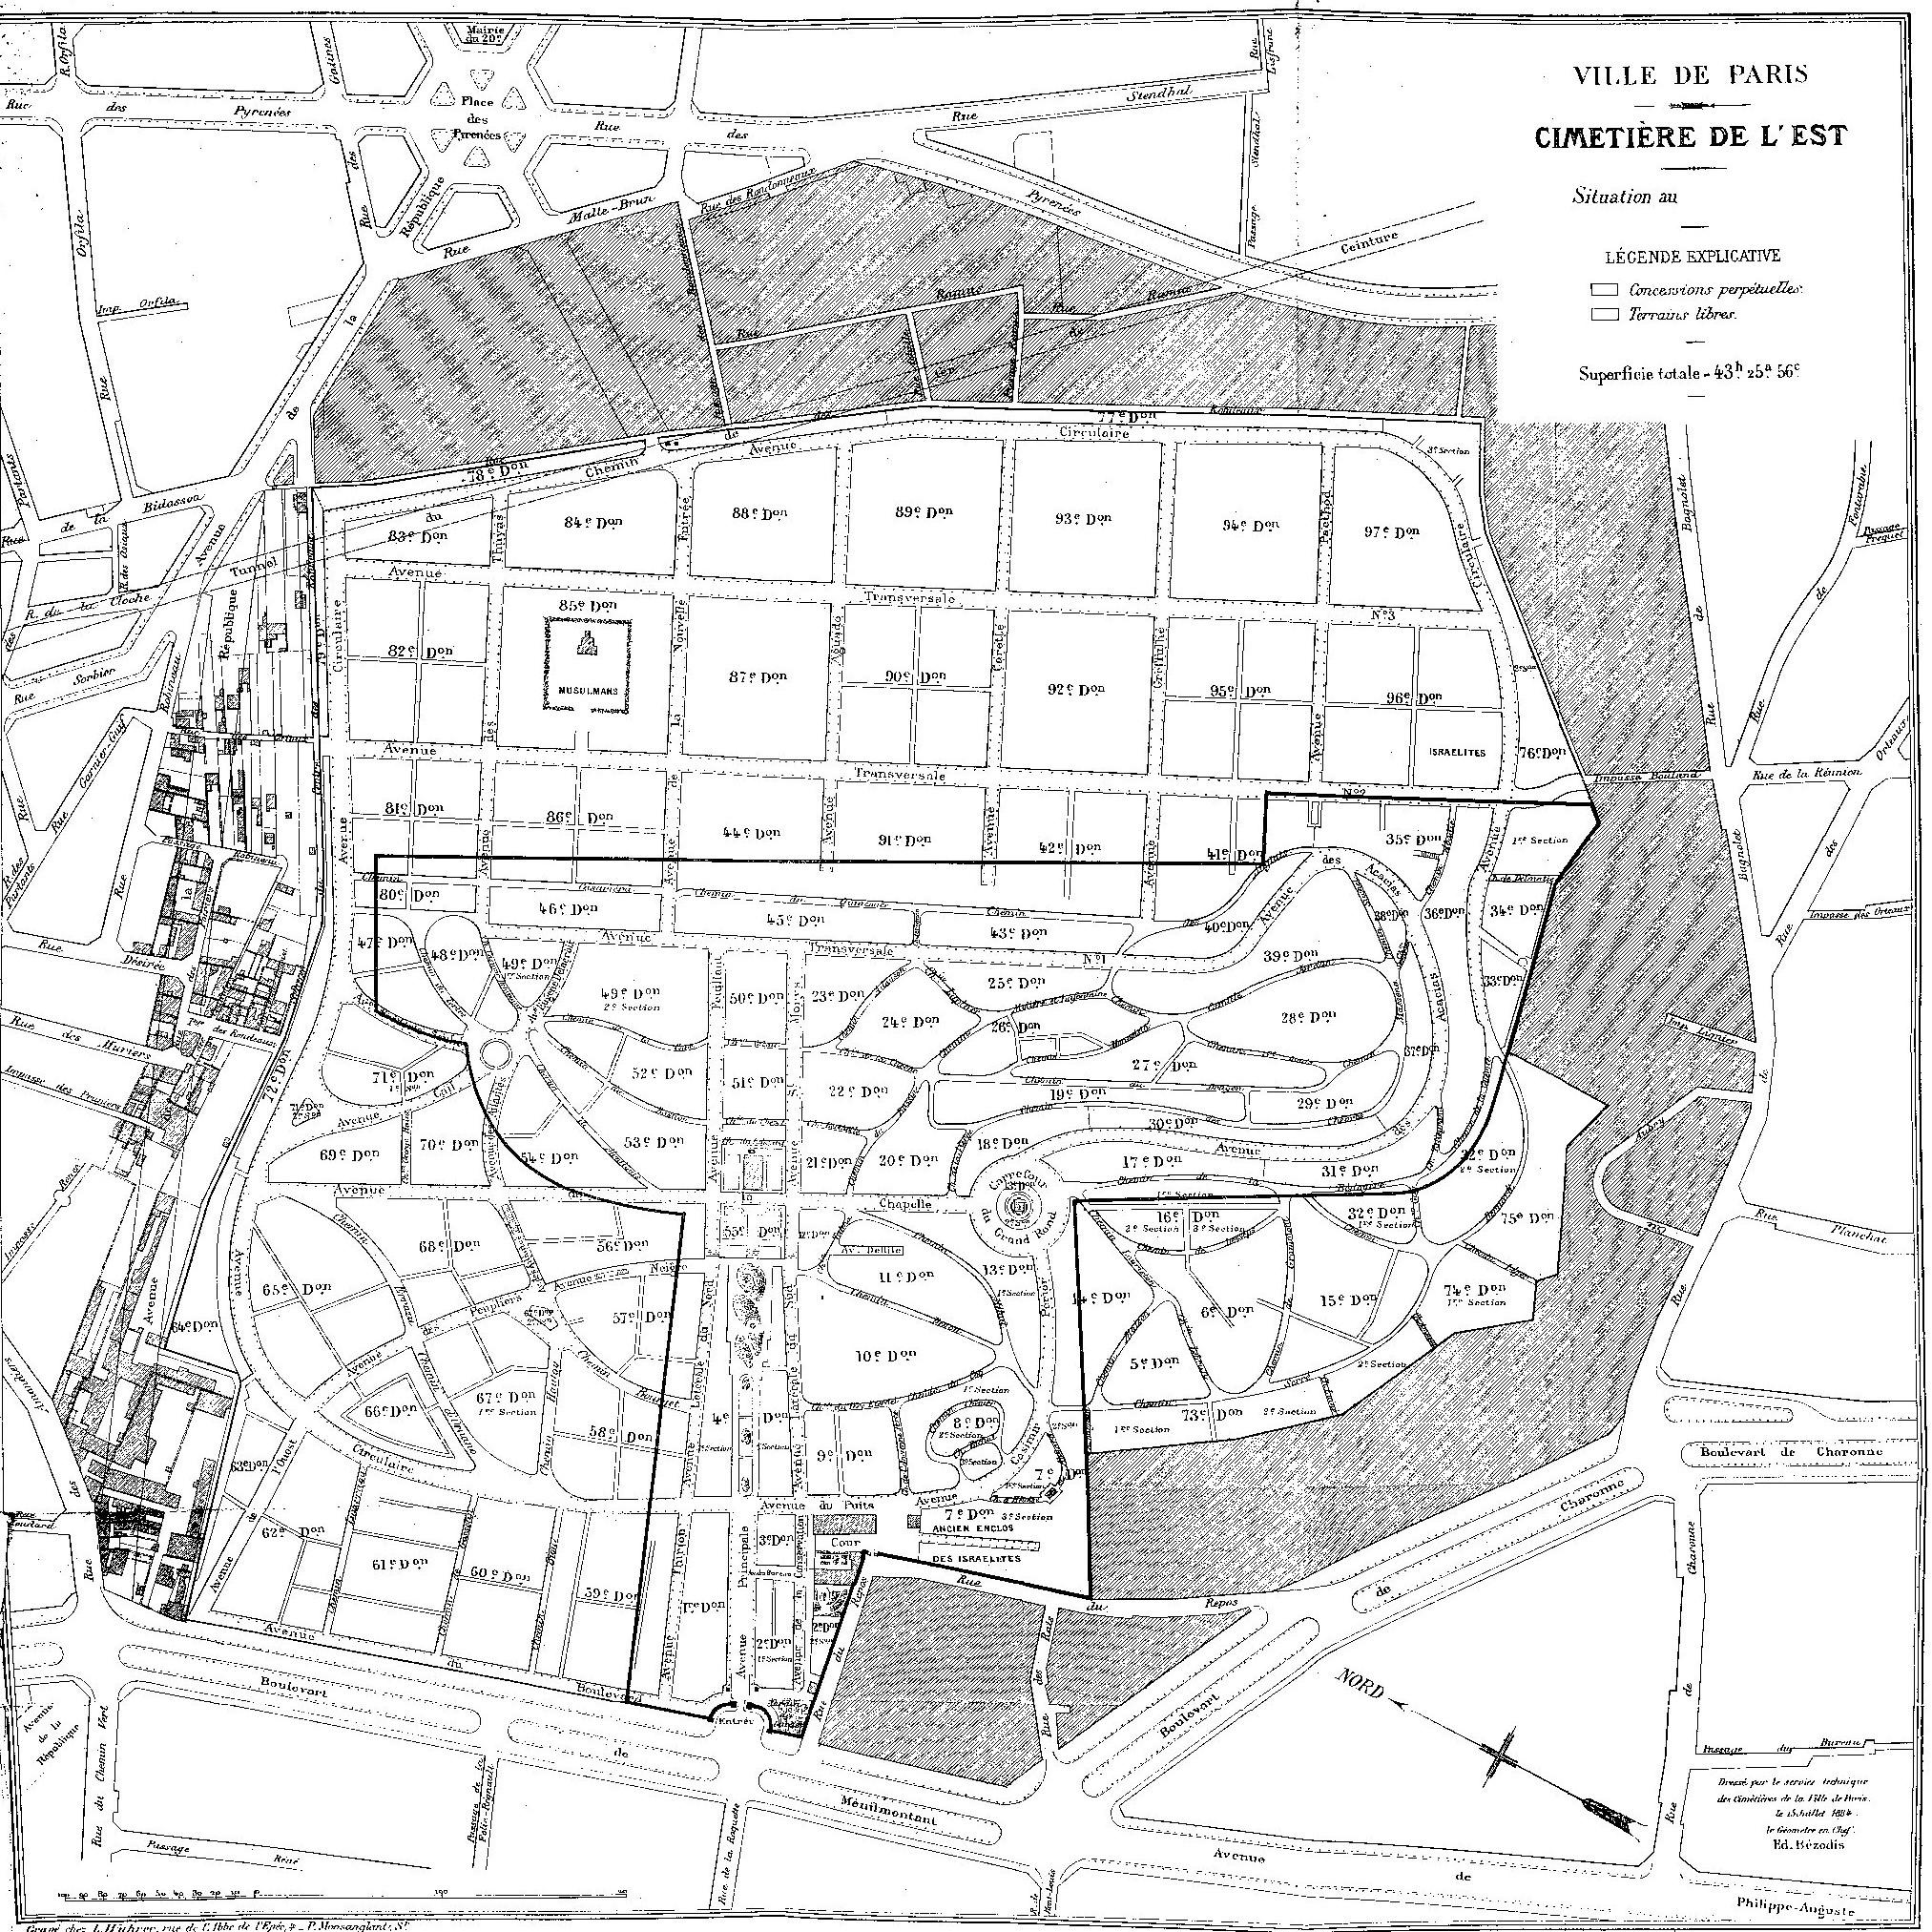 pere-lachaise_-_plan_-_1926.jpg